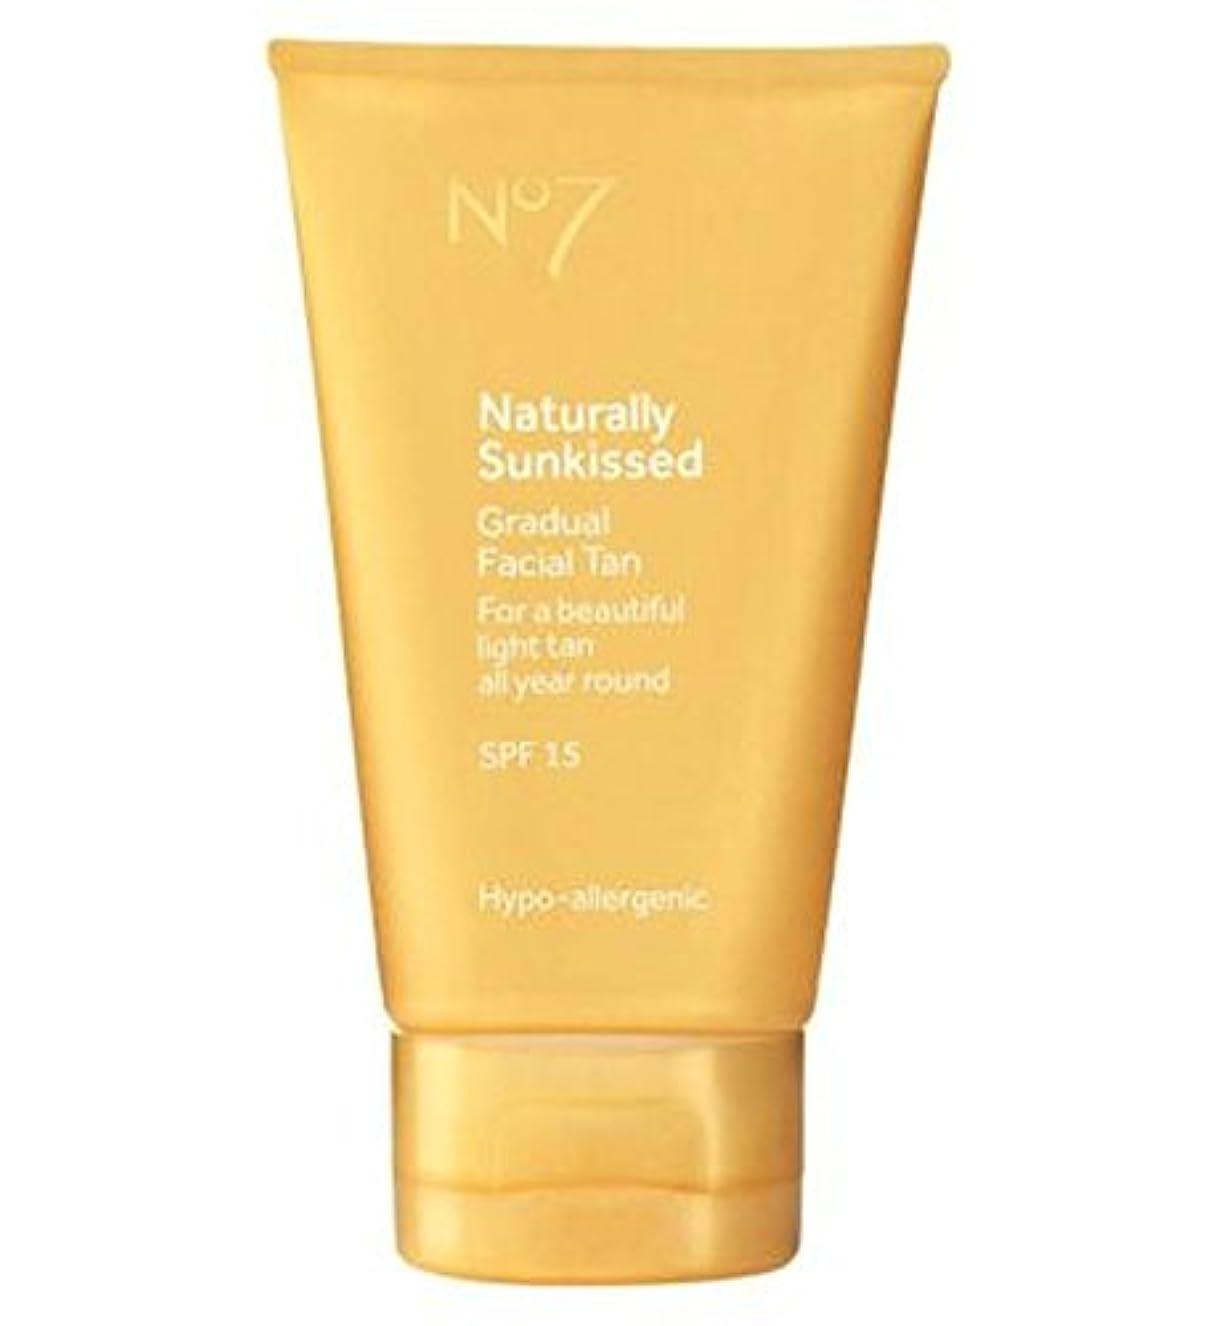 誤解カードエアコンNo7 Naturally Sun Kissed Gradual Face Tan SP15 - No7は自然に太陽が緩やかな顔日焼けSp15にキスをしました (No7) [並行輸入品]